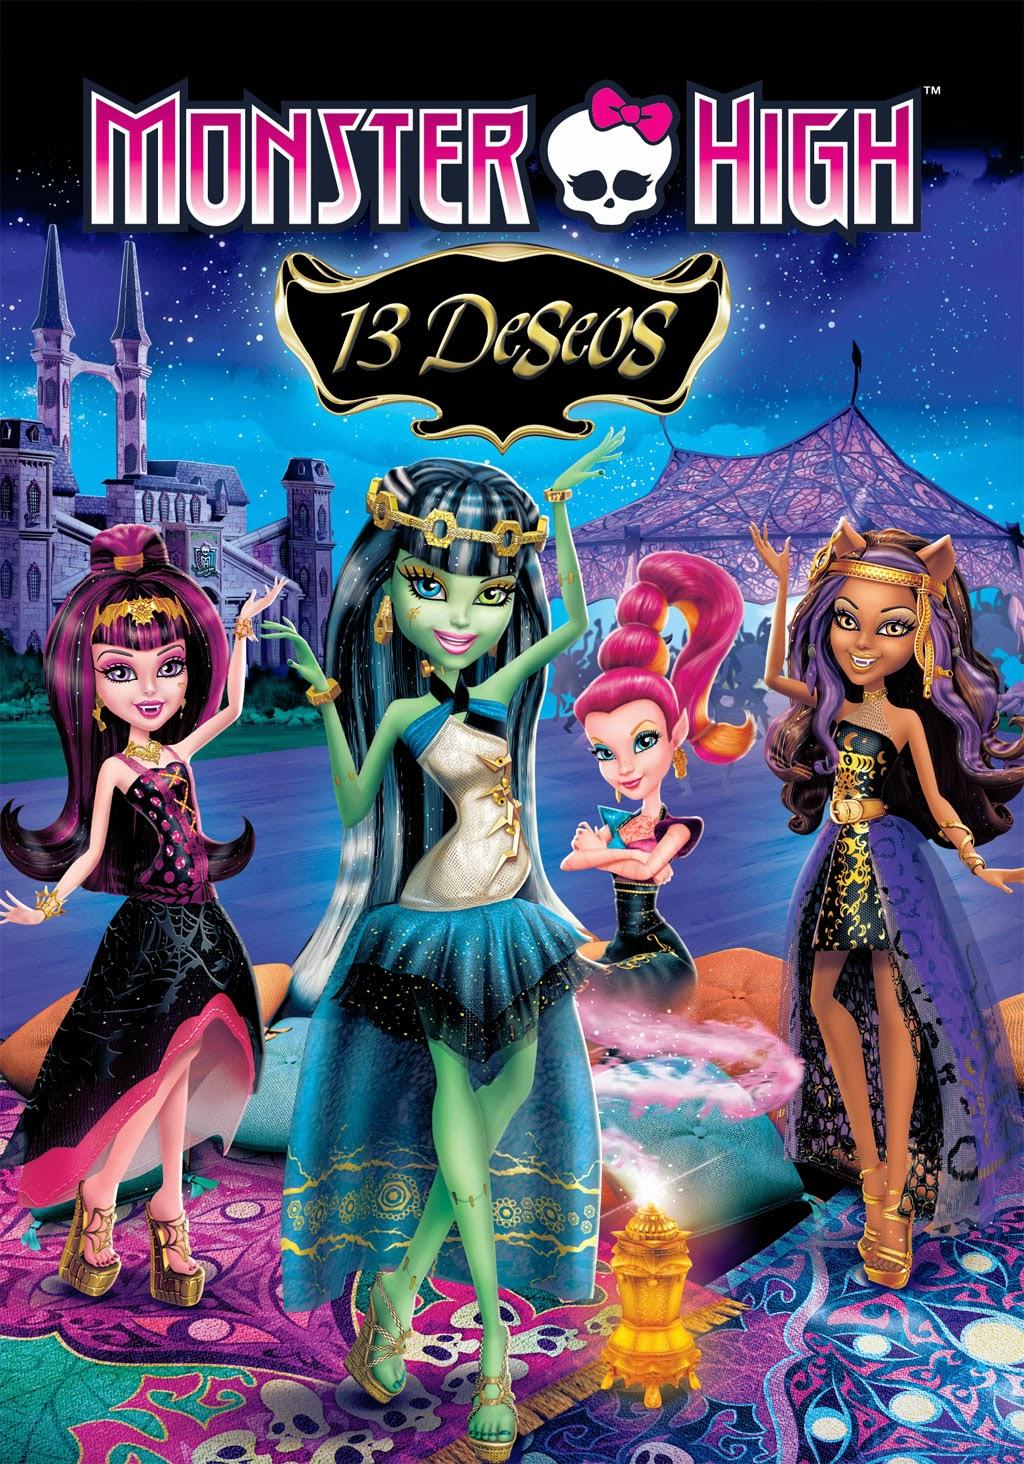 Concurso Zona DVD - Monster High 13 deseos